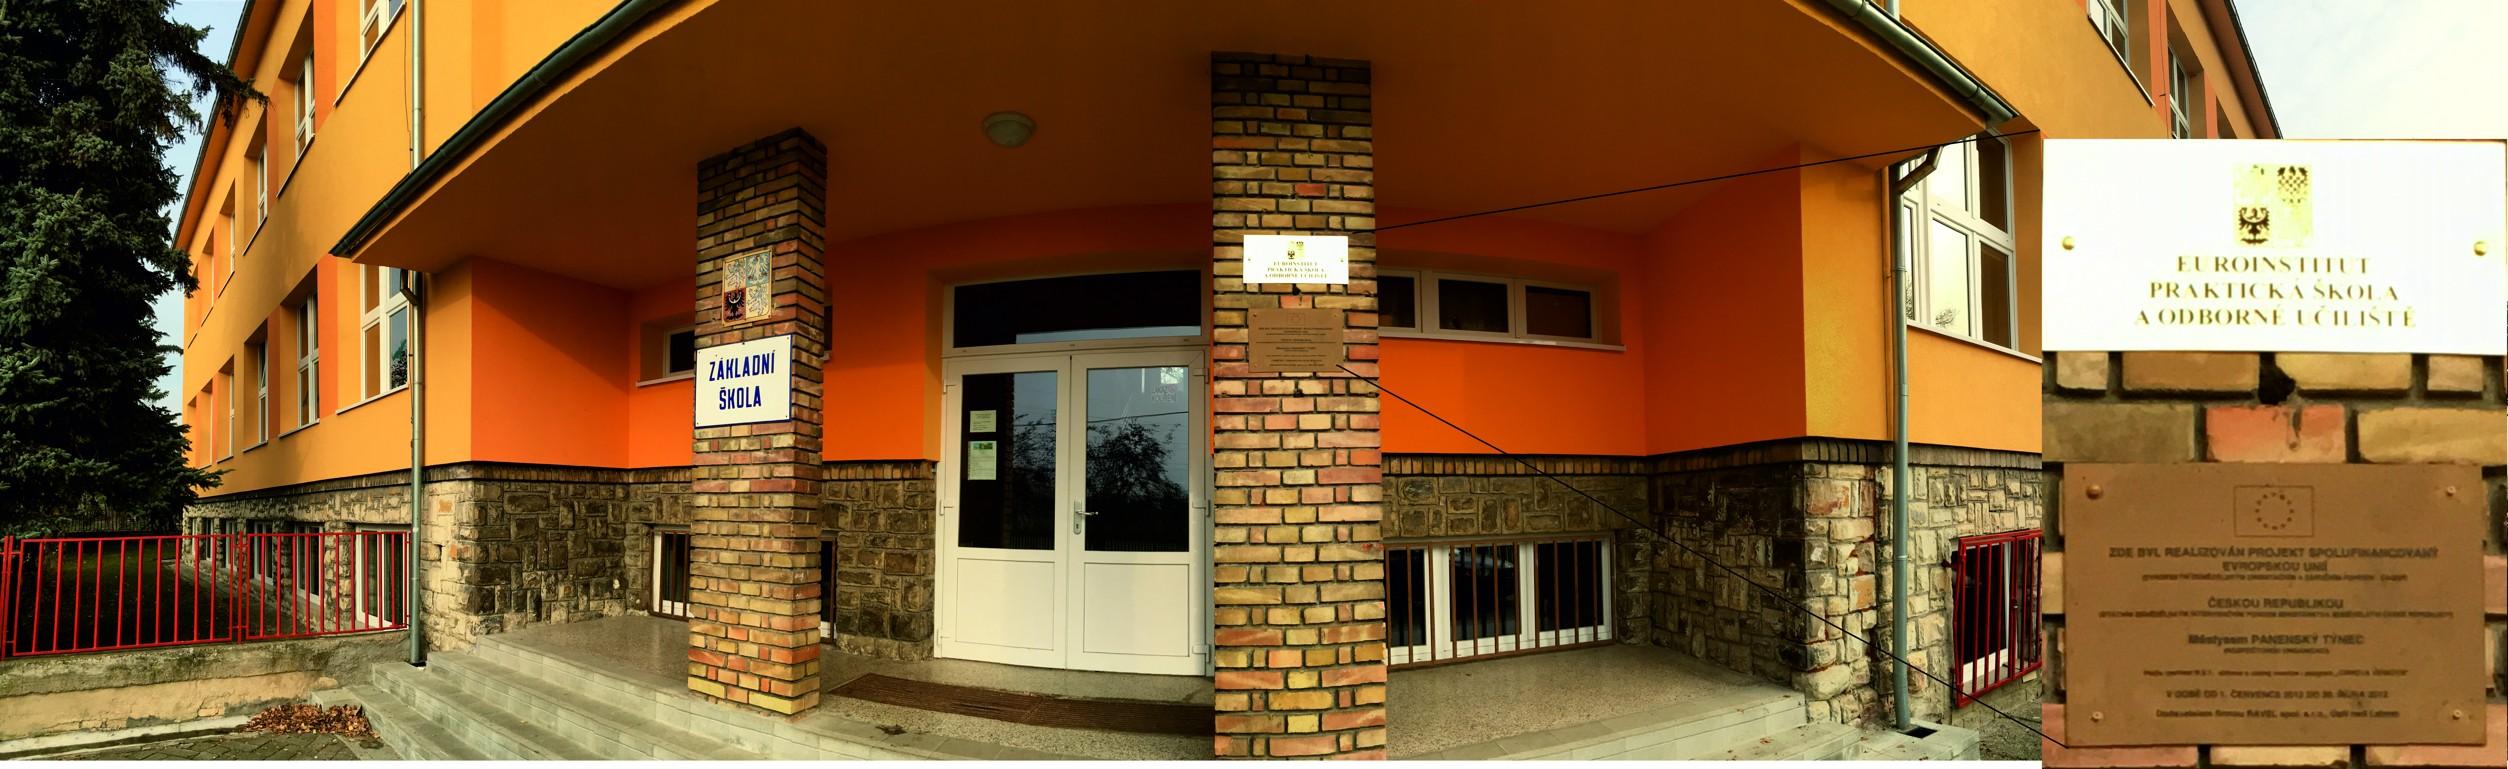 euroinstitut